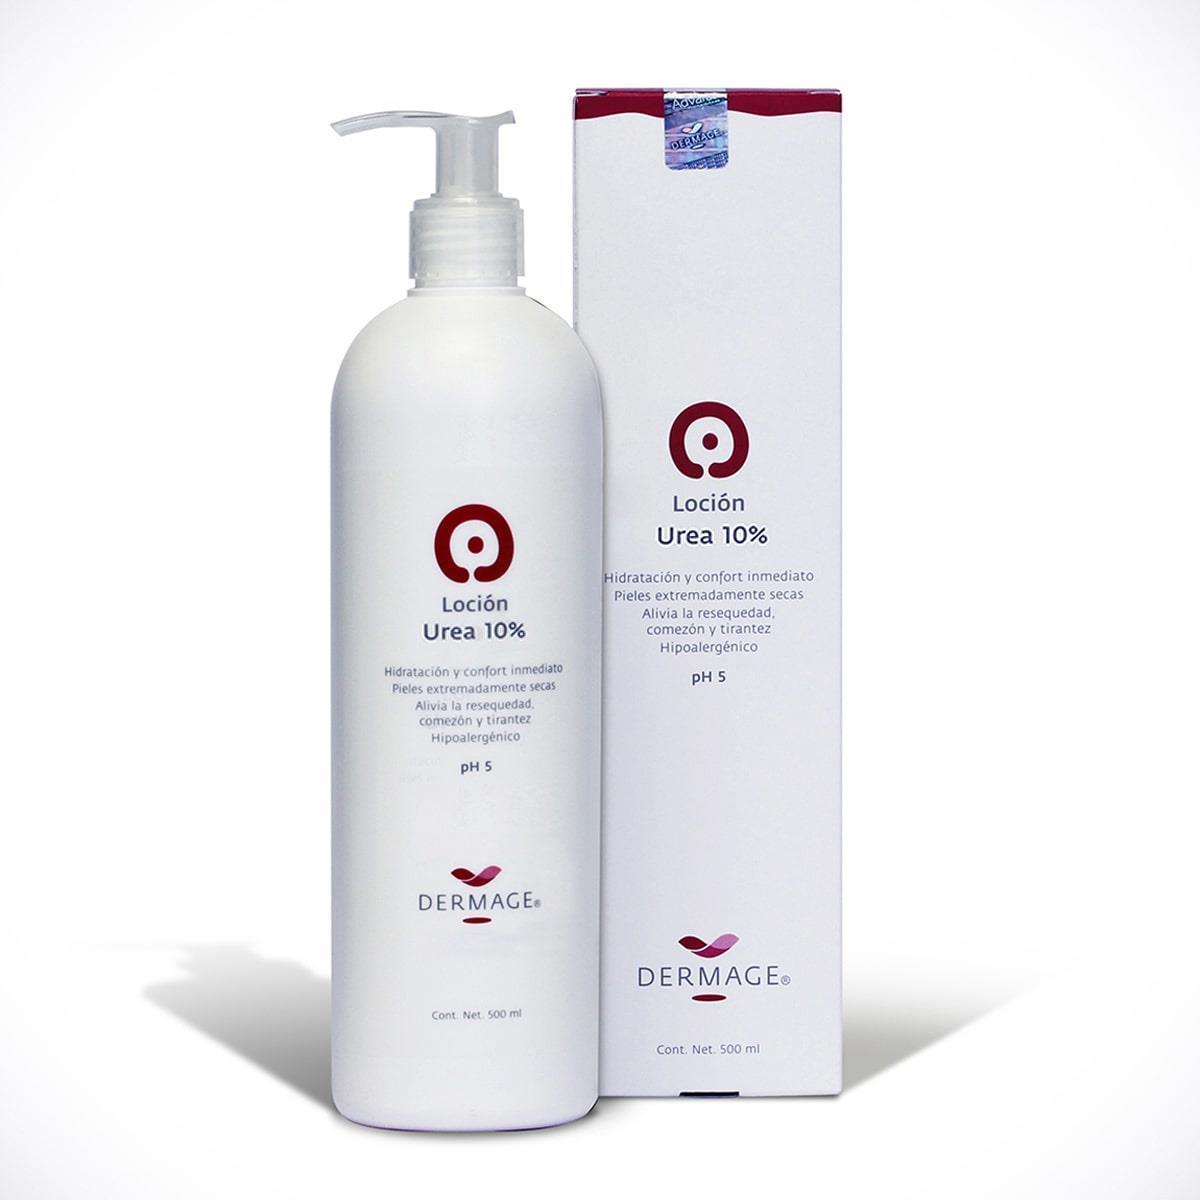 Crema corporal de uso diario diseñada para el cuidado de la piel seca, muy seca y extremadamente seca. <br/><br/>Envase con 500ml